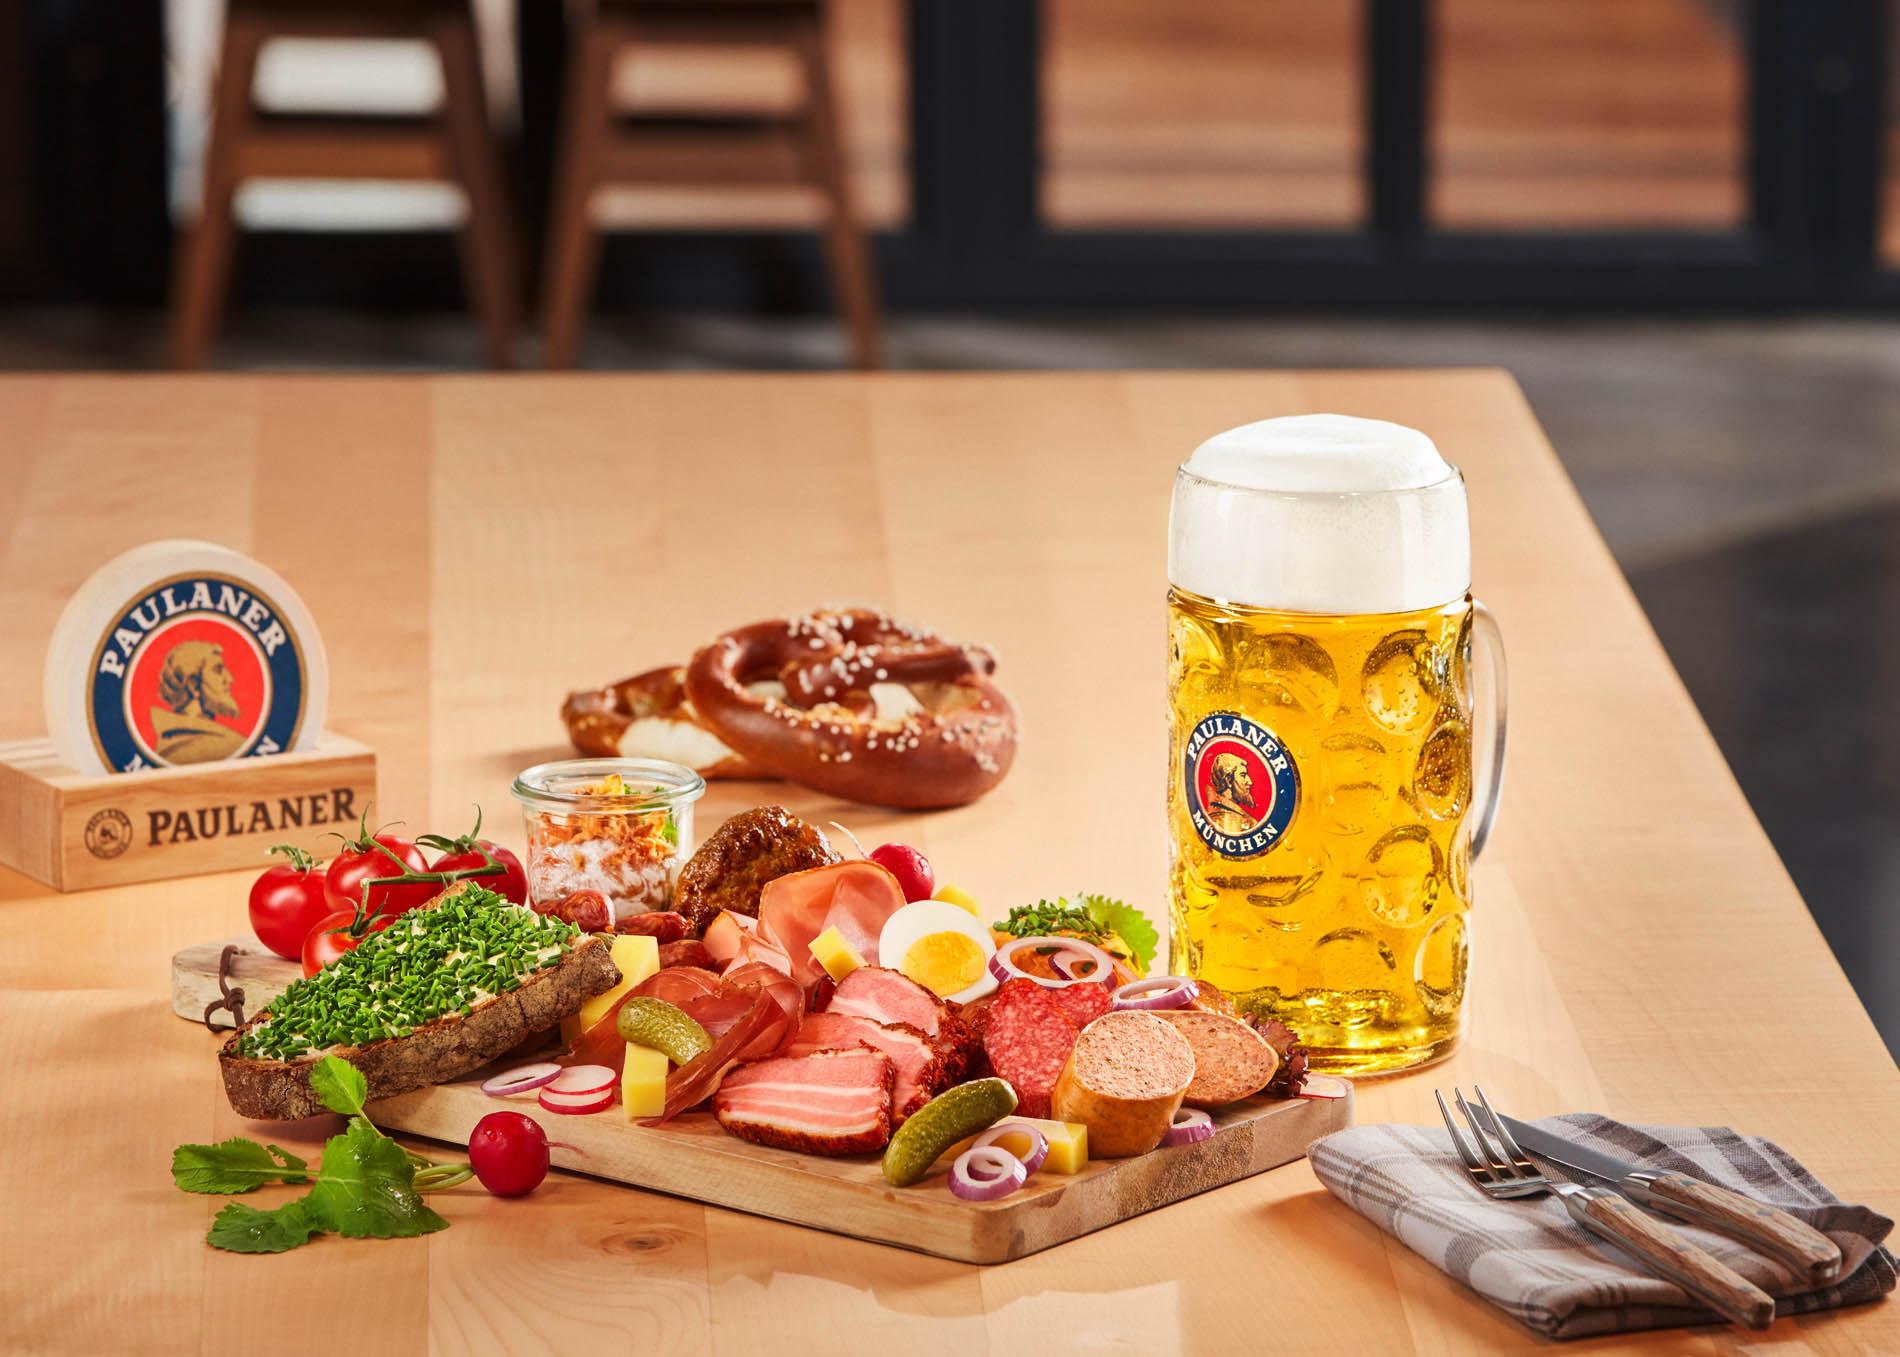 PAULANER - Beer & Food